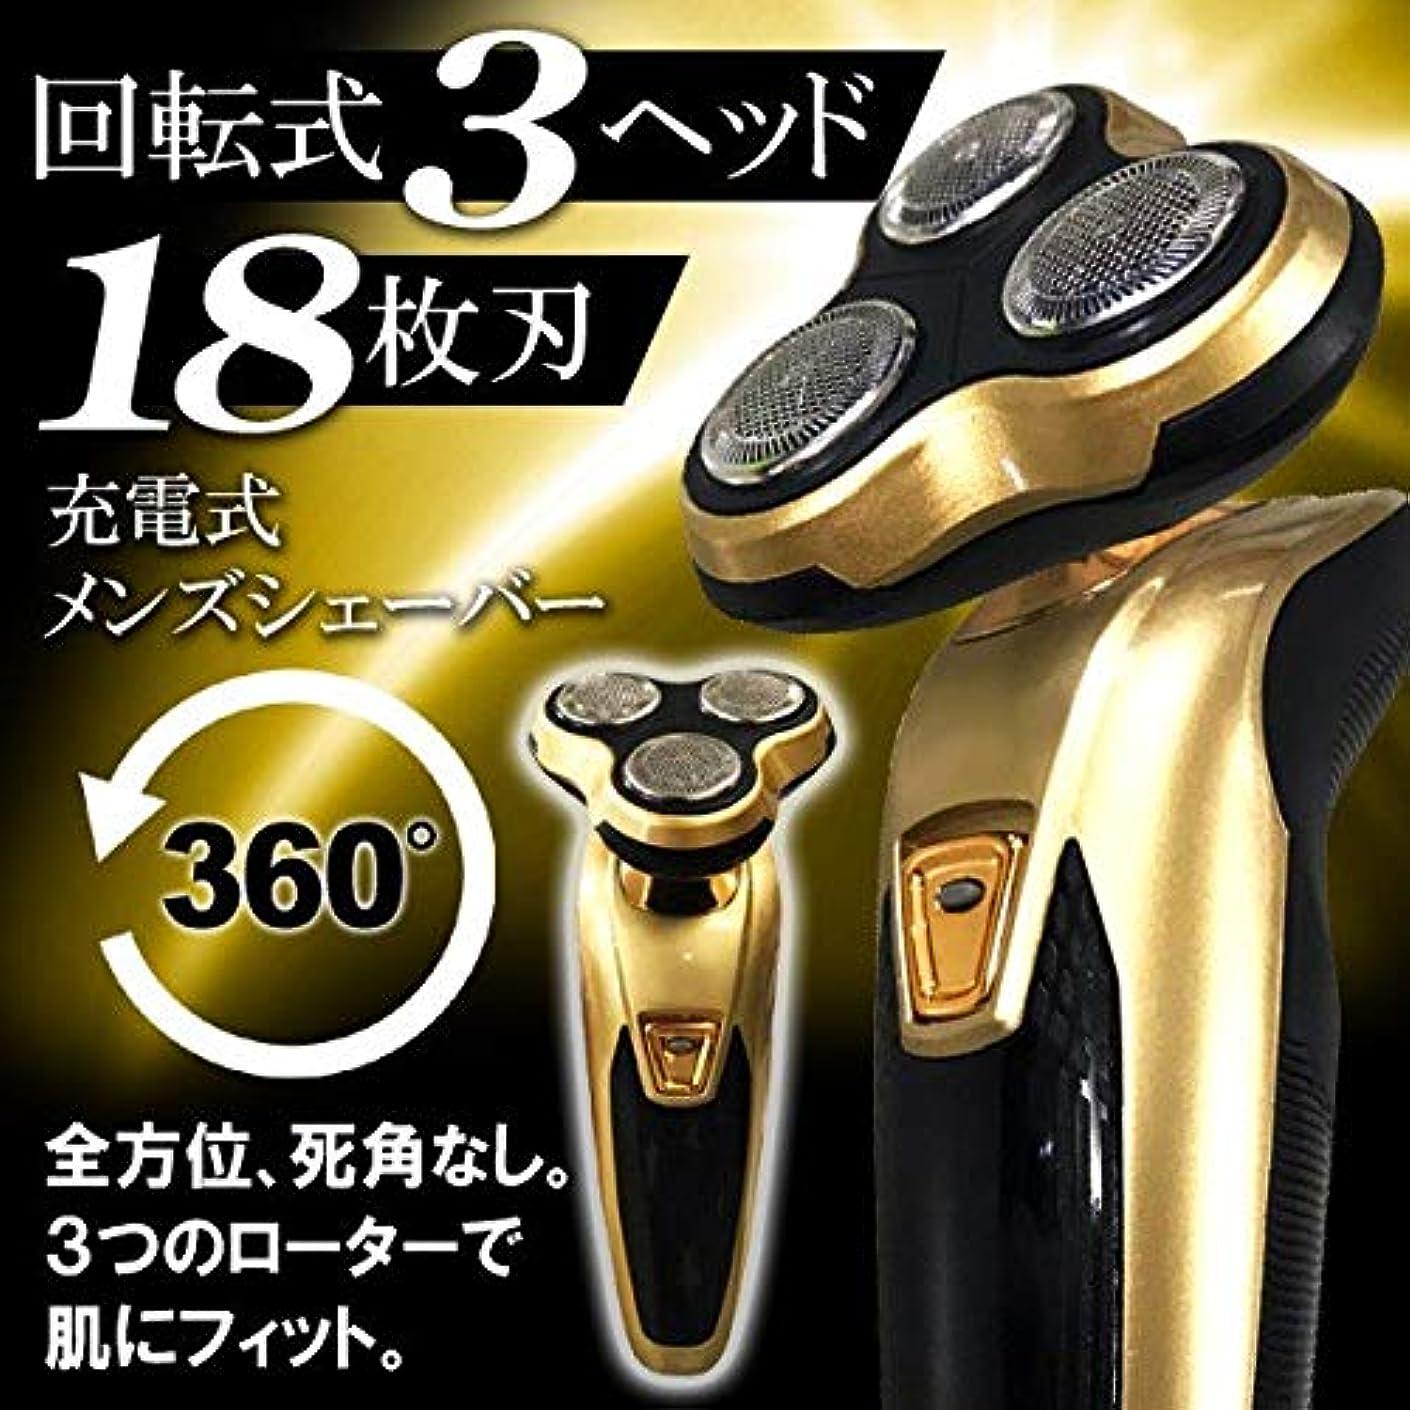 祖母置くためにパックかどうかYEP 電気シェーバー 3ヘッド搭載 充電式 メンズシェーバー 3in1 髭剃り 鼻毛カッター グルーミングヘッド